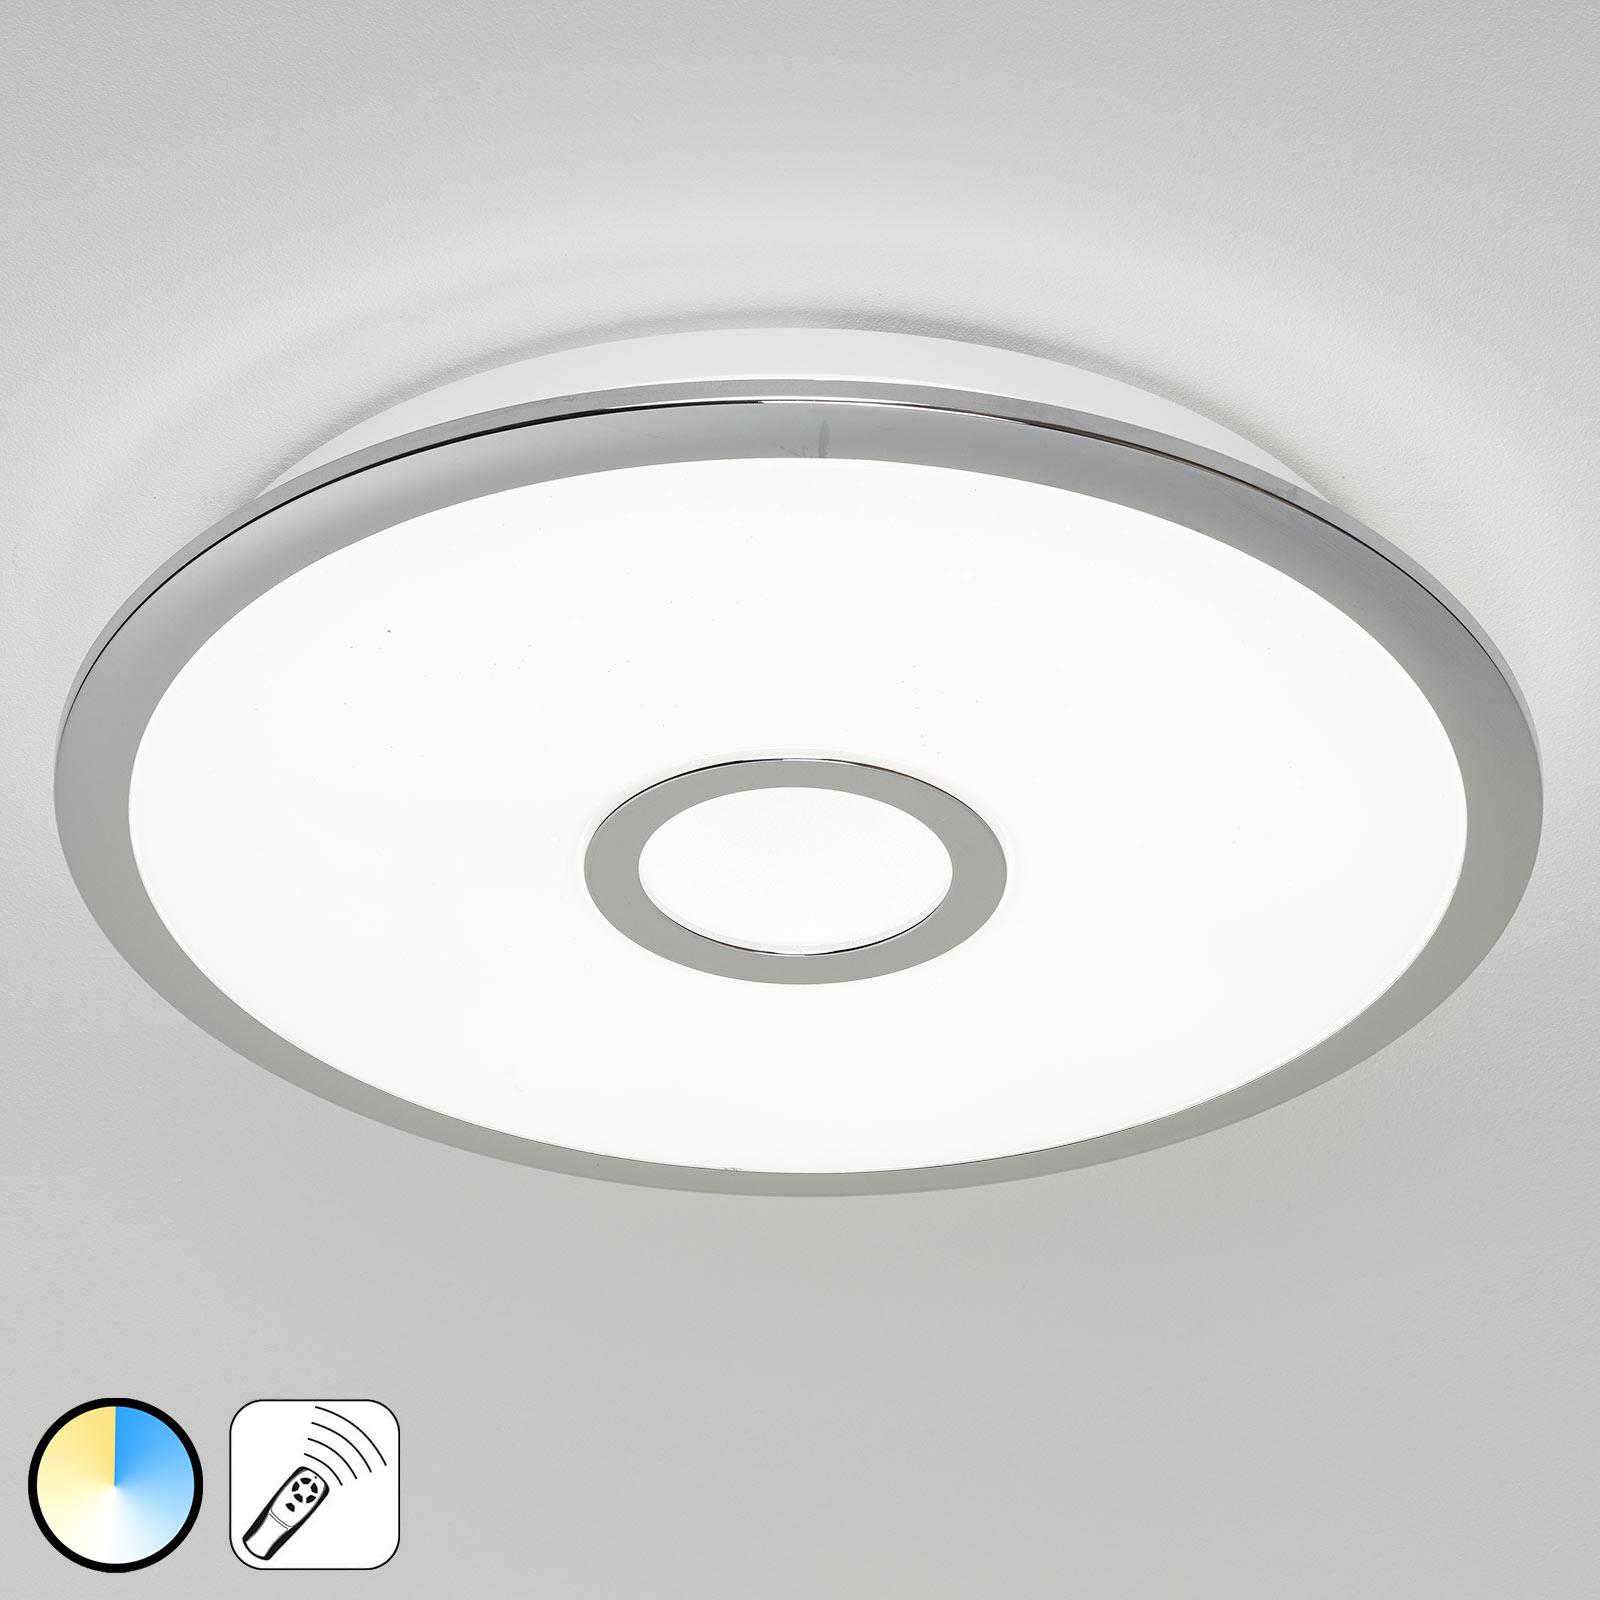 LED-taklampe Osaka med memory-funksjon